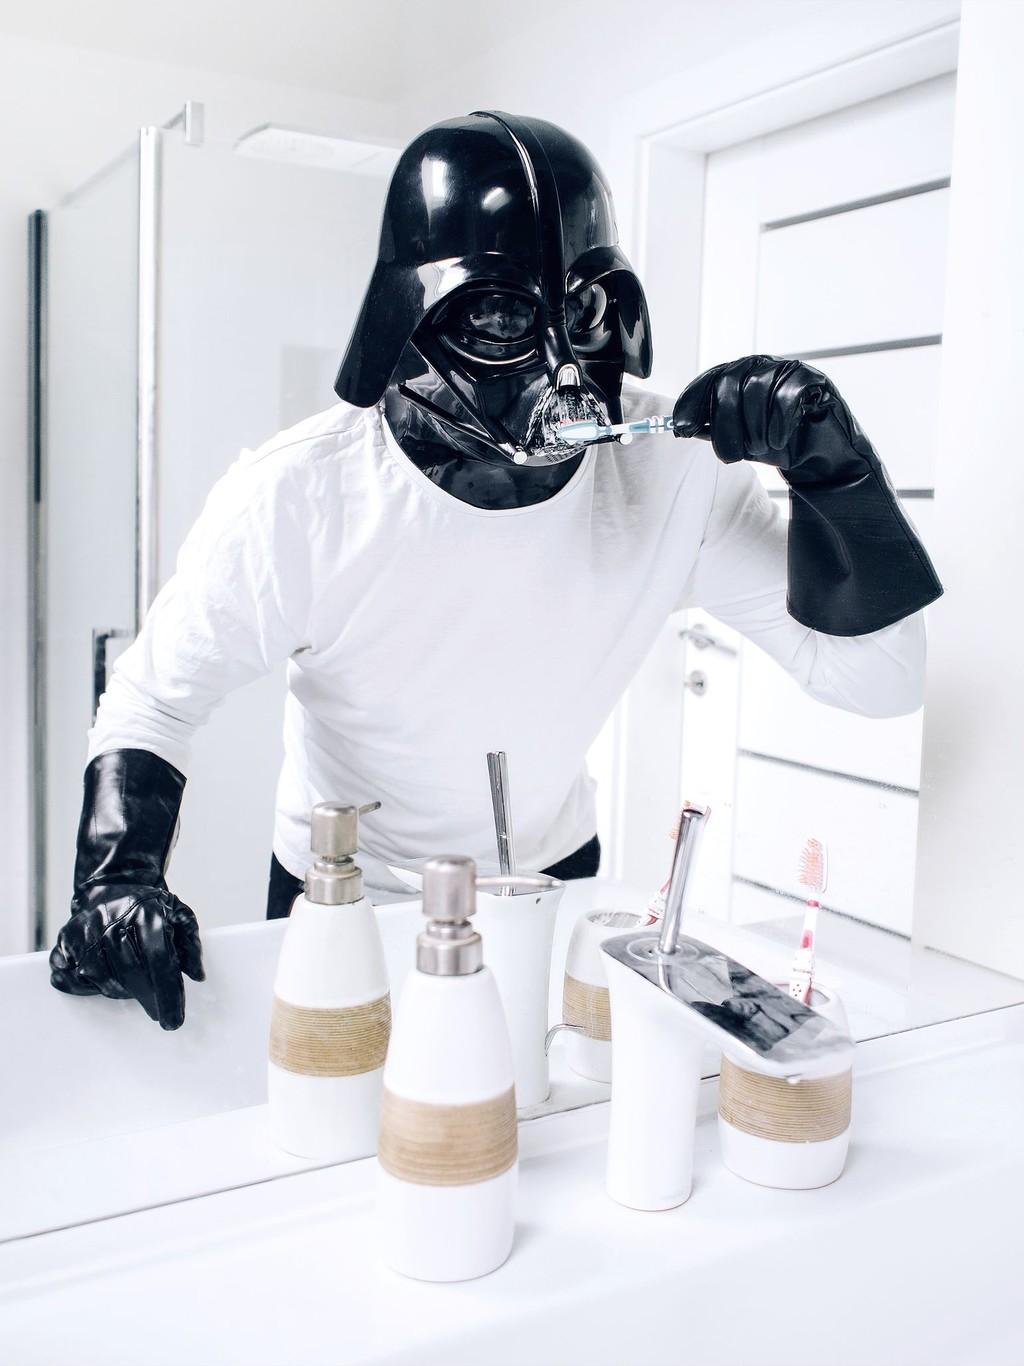 Daily Life Of Darth Vader 15